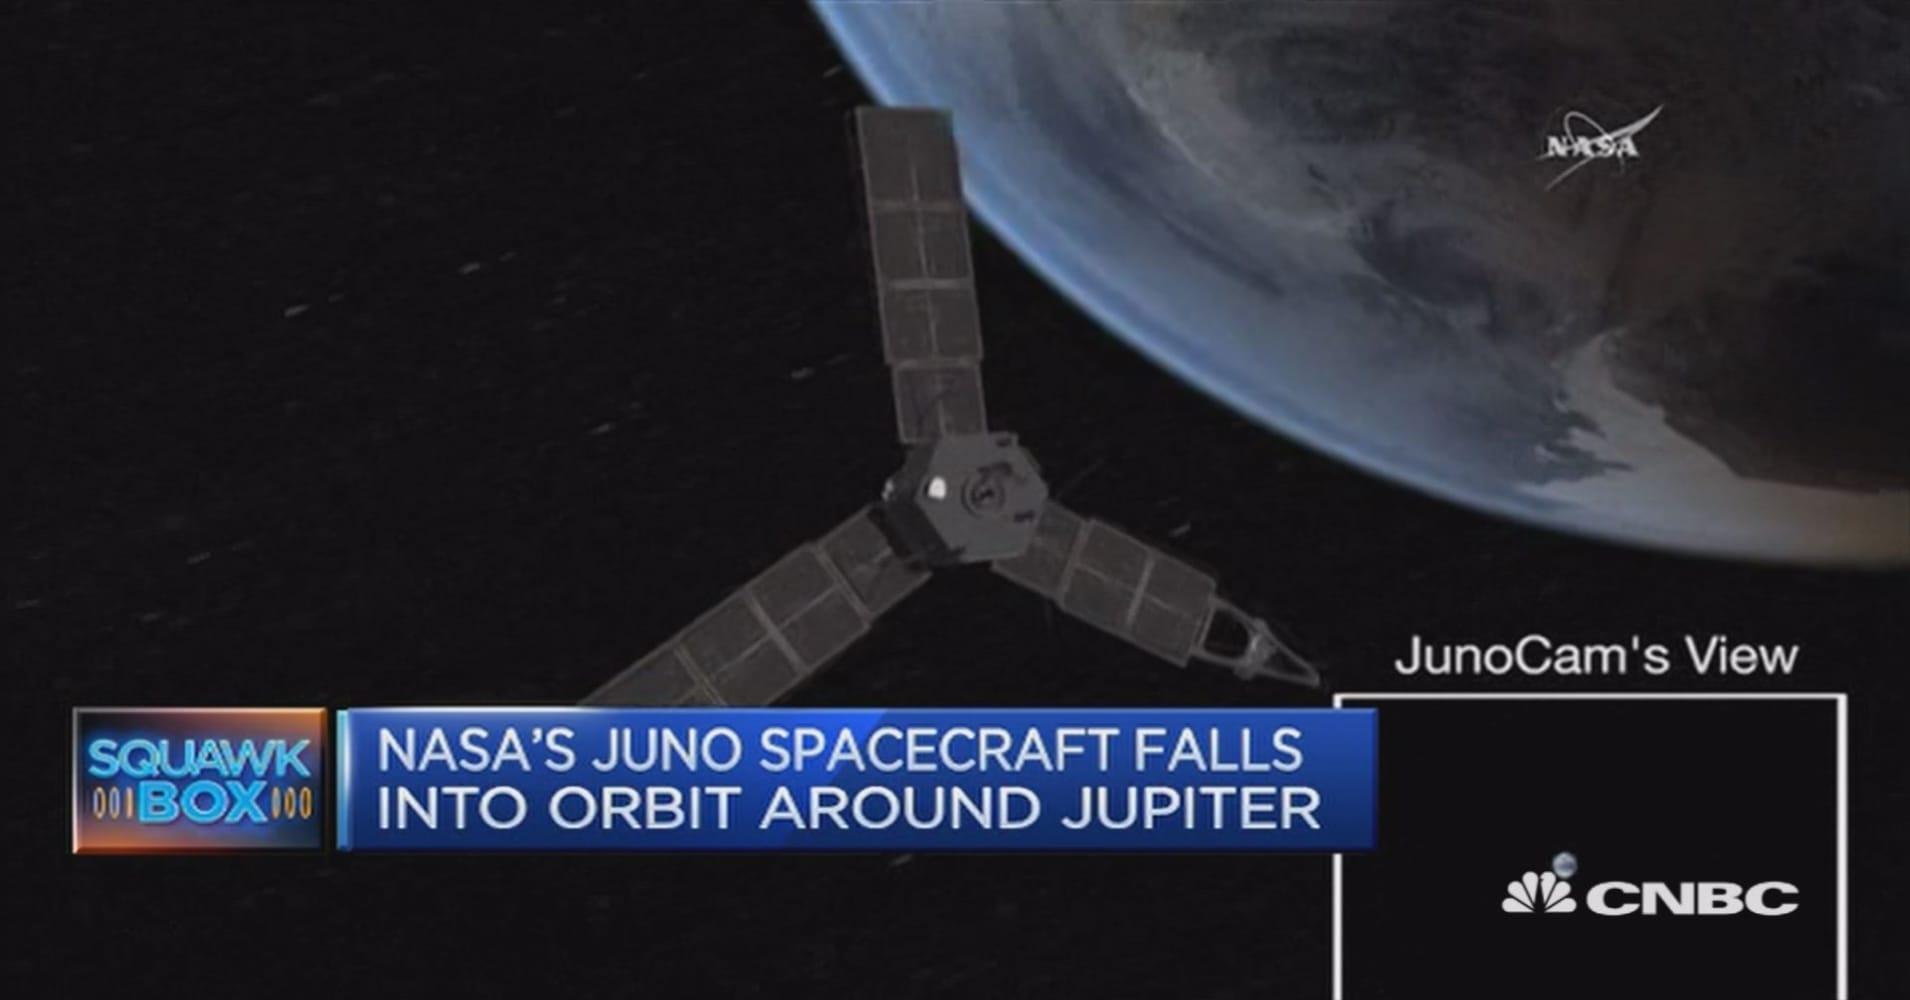 nasa s juno spacecraft enters jupiter s orbit after 5 year journey juno spacecraft reaches jupiter